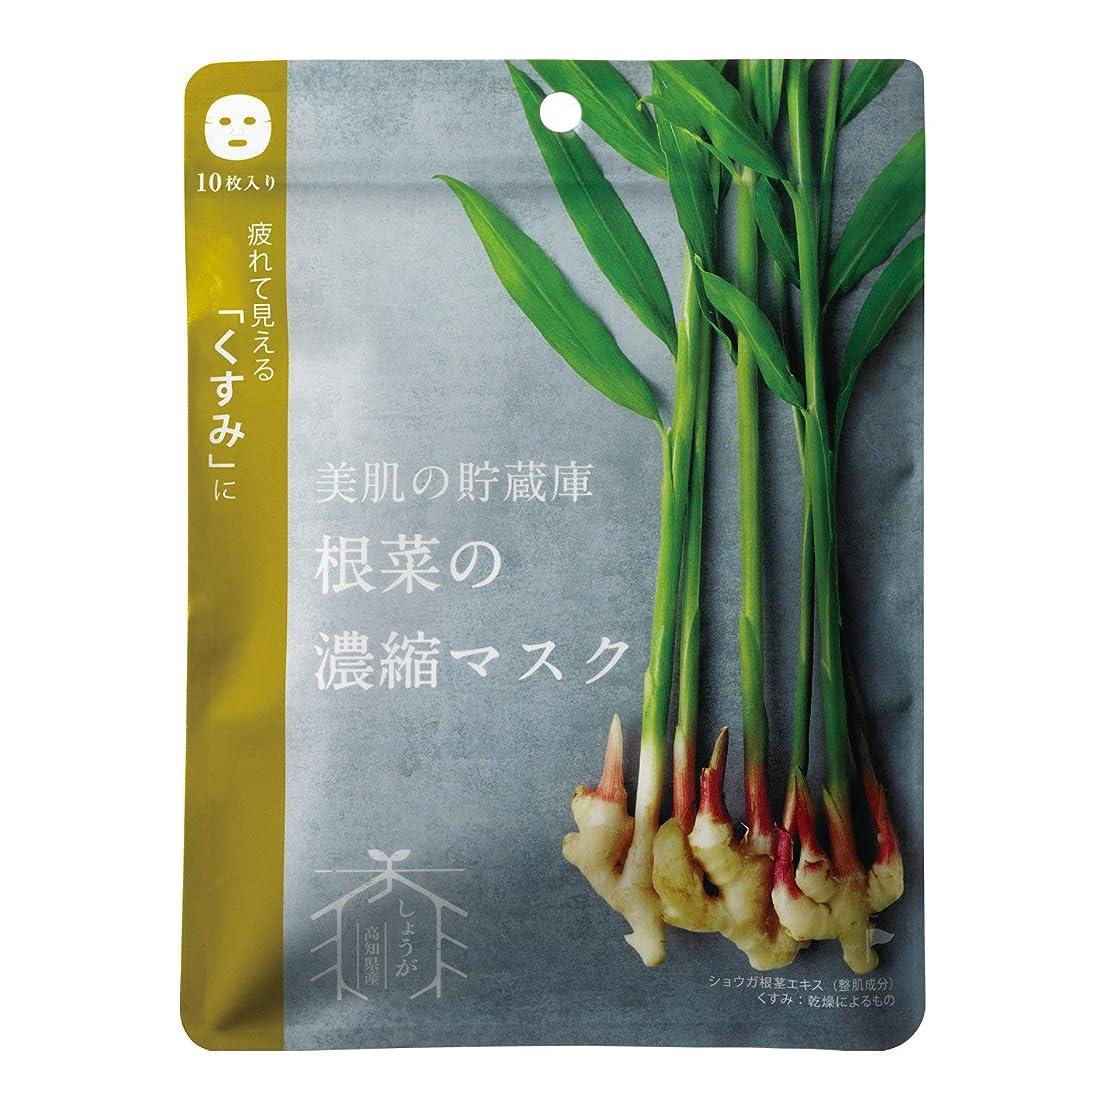 事実コショウ蒸発する@cosme nippon 美肌の貯蔵庫 根菜の濃縮マスク 土佐一しょうが 10枚 160ml